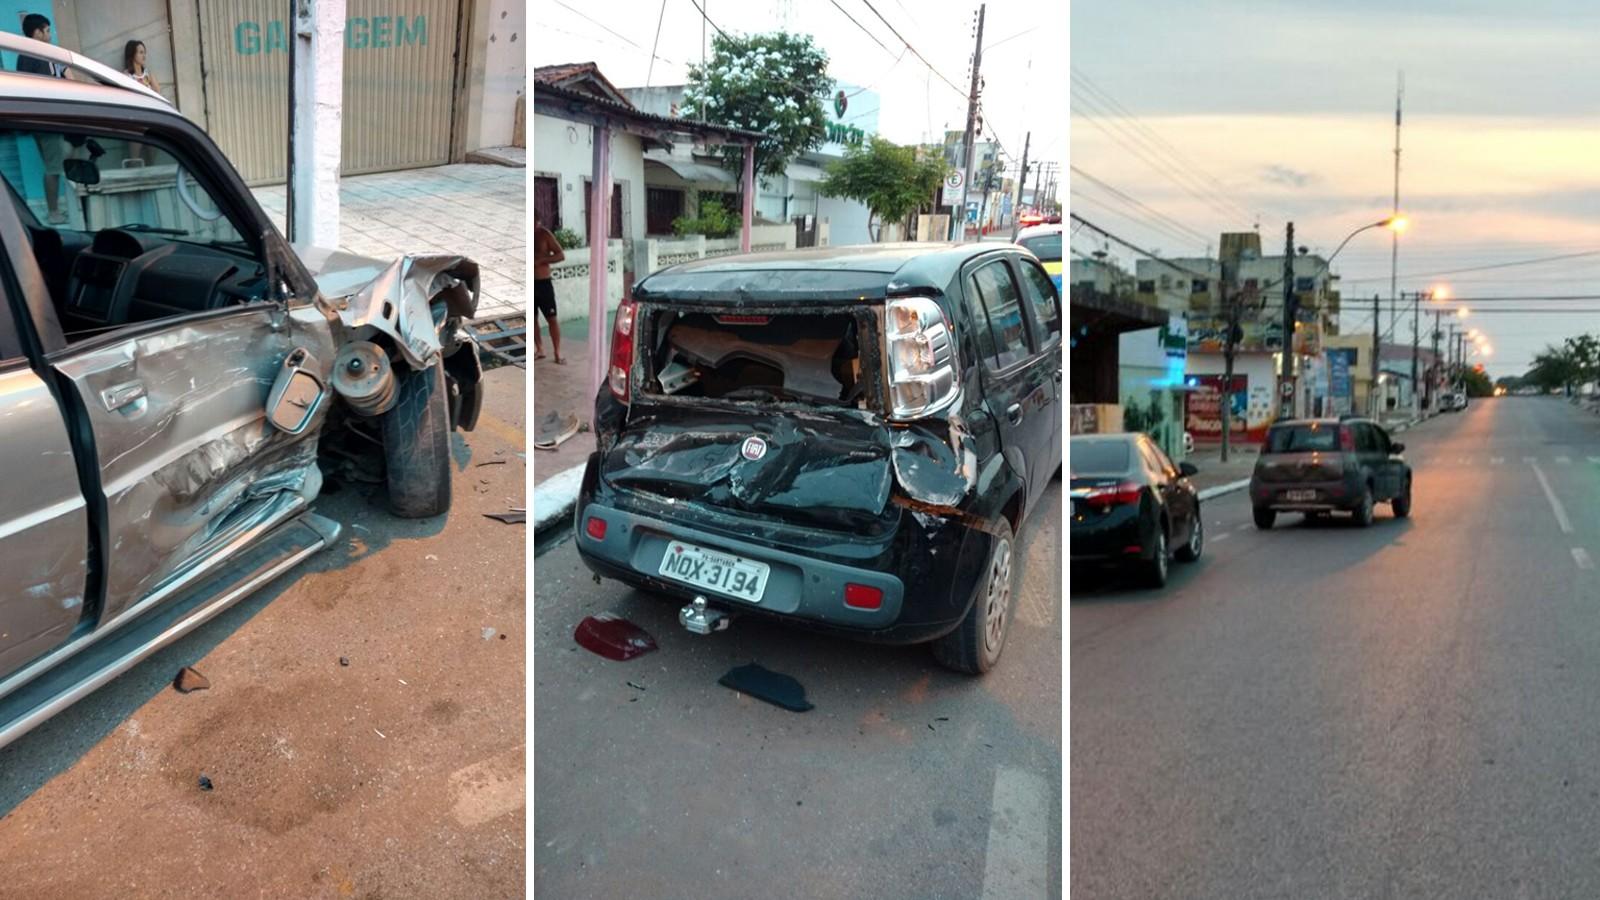 Veículos estavam estacionados na via e ficaram danificados com a batida (Foto: Nelson Gato)